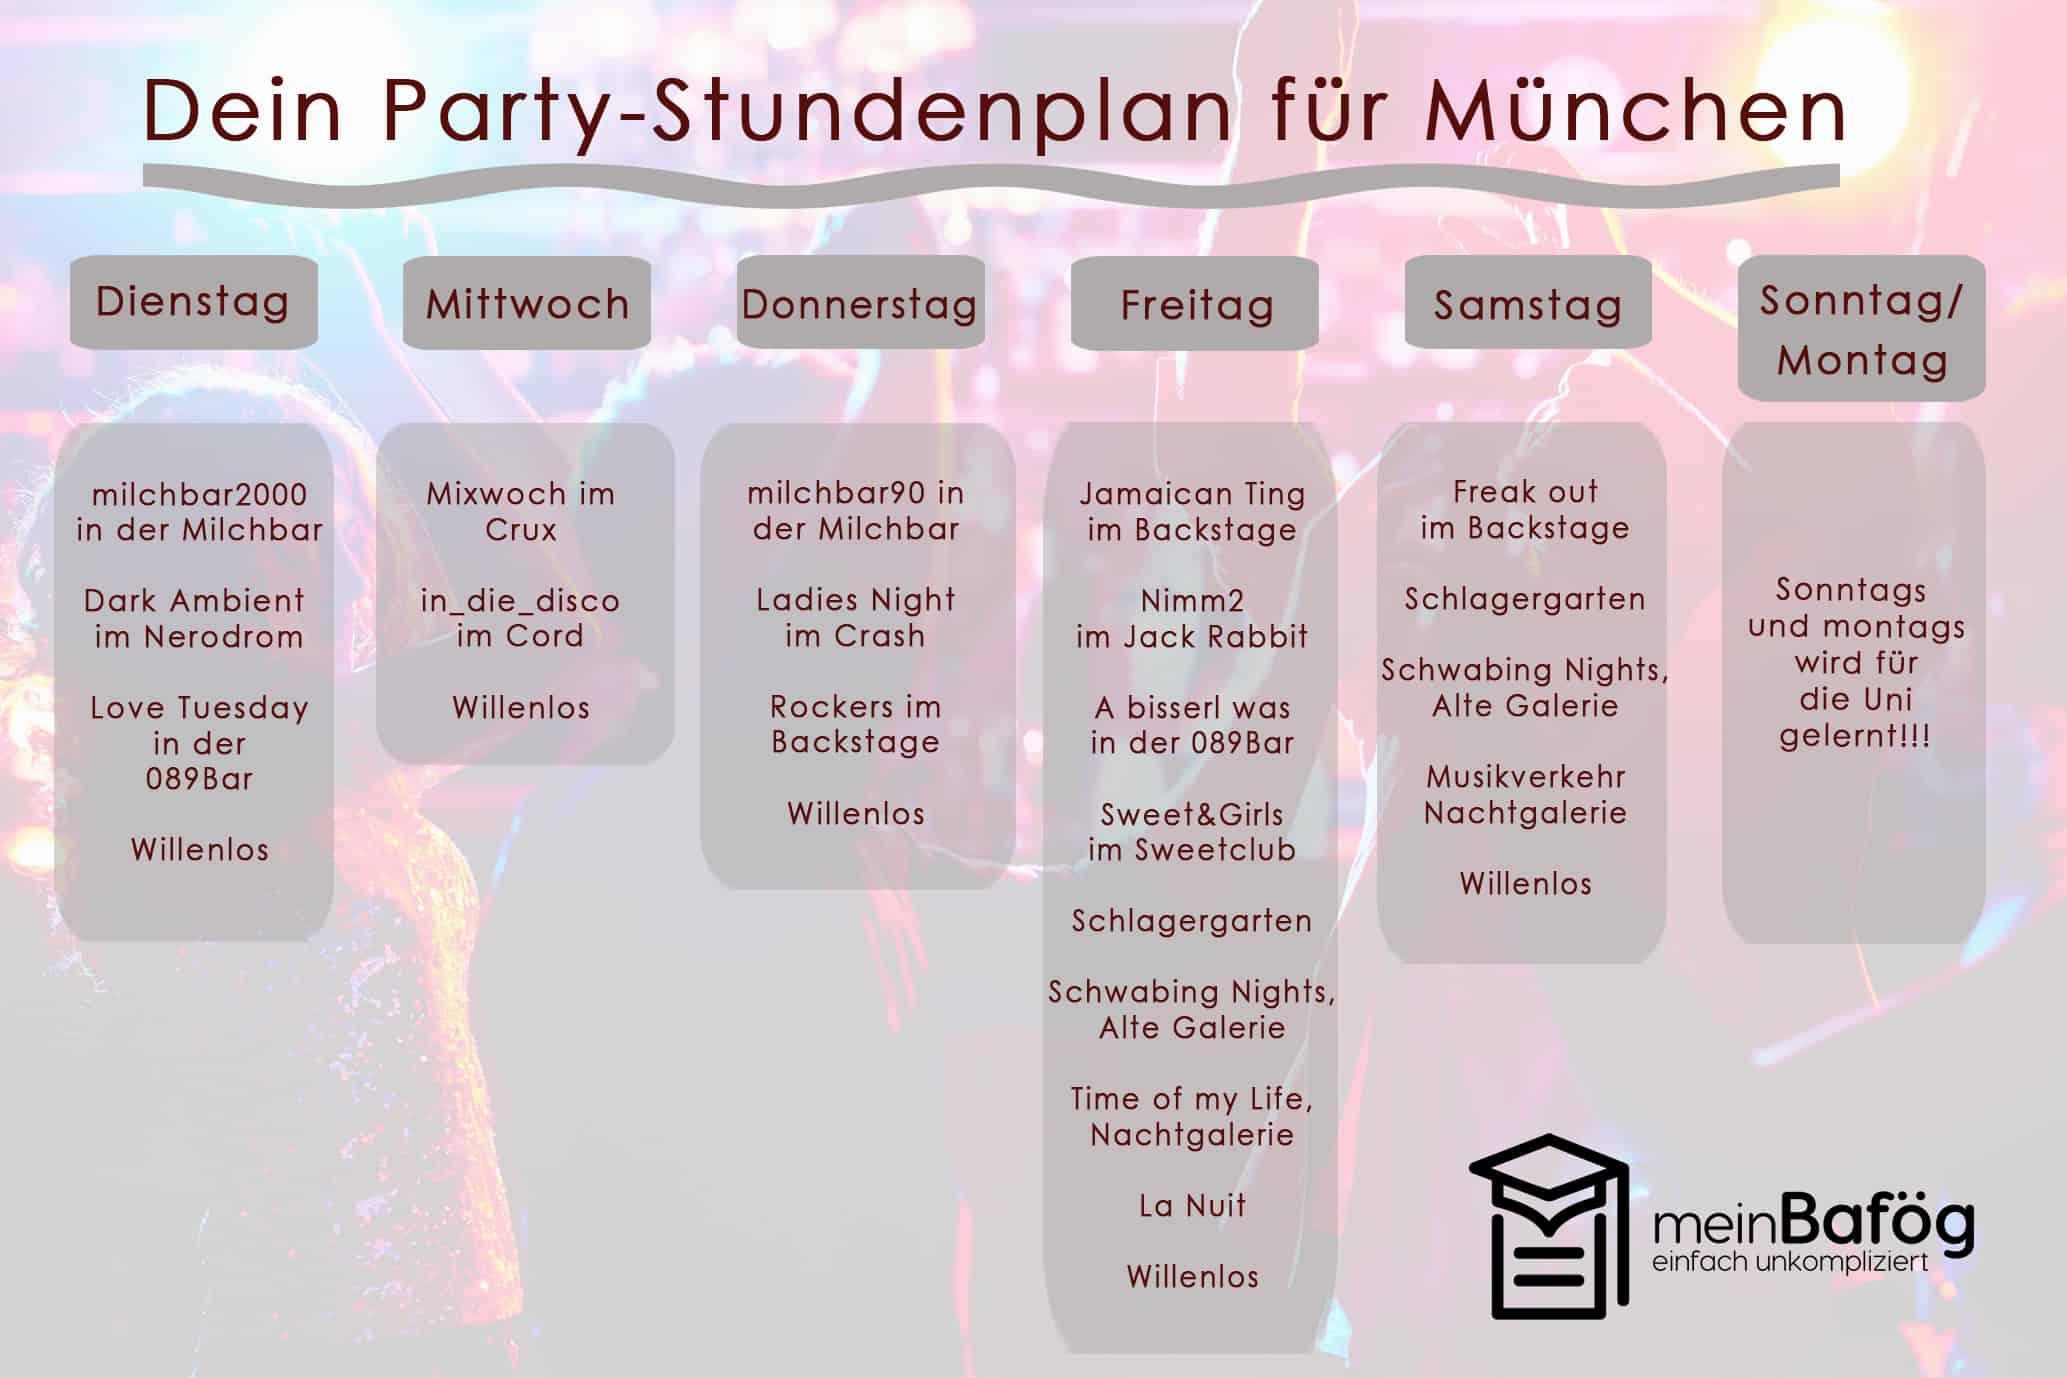 Der Plan für Studenten in München mit Ausgehtipps, freier Eintritt und Studentenparty mit meinBafög